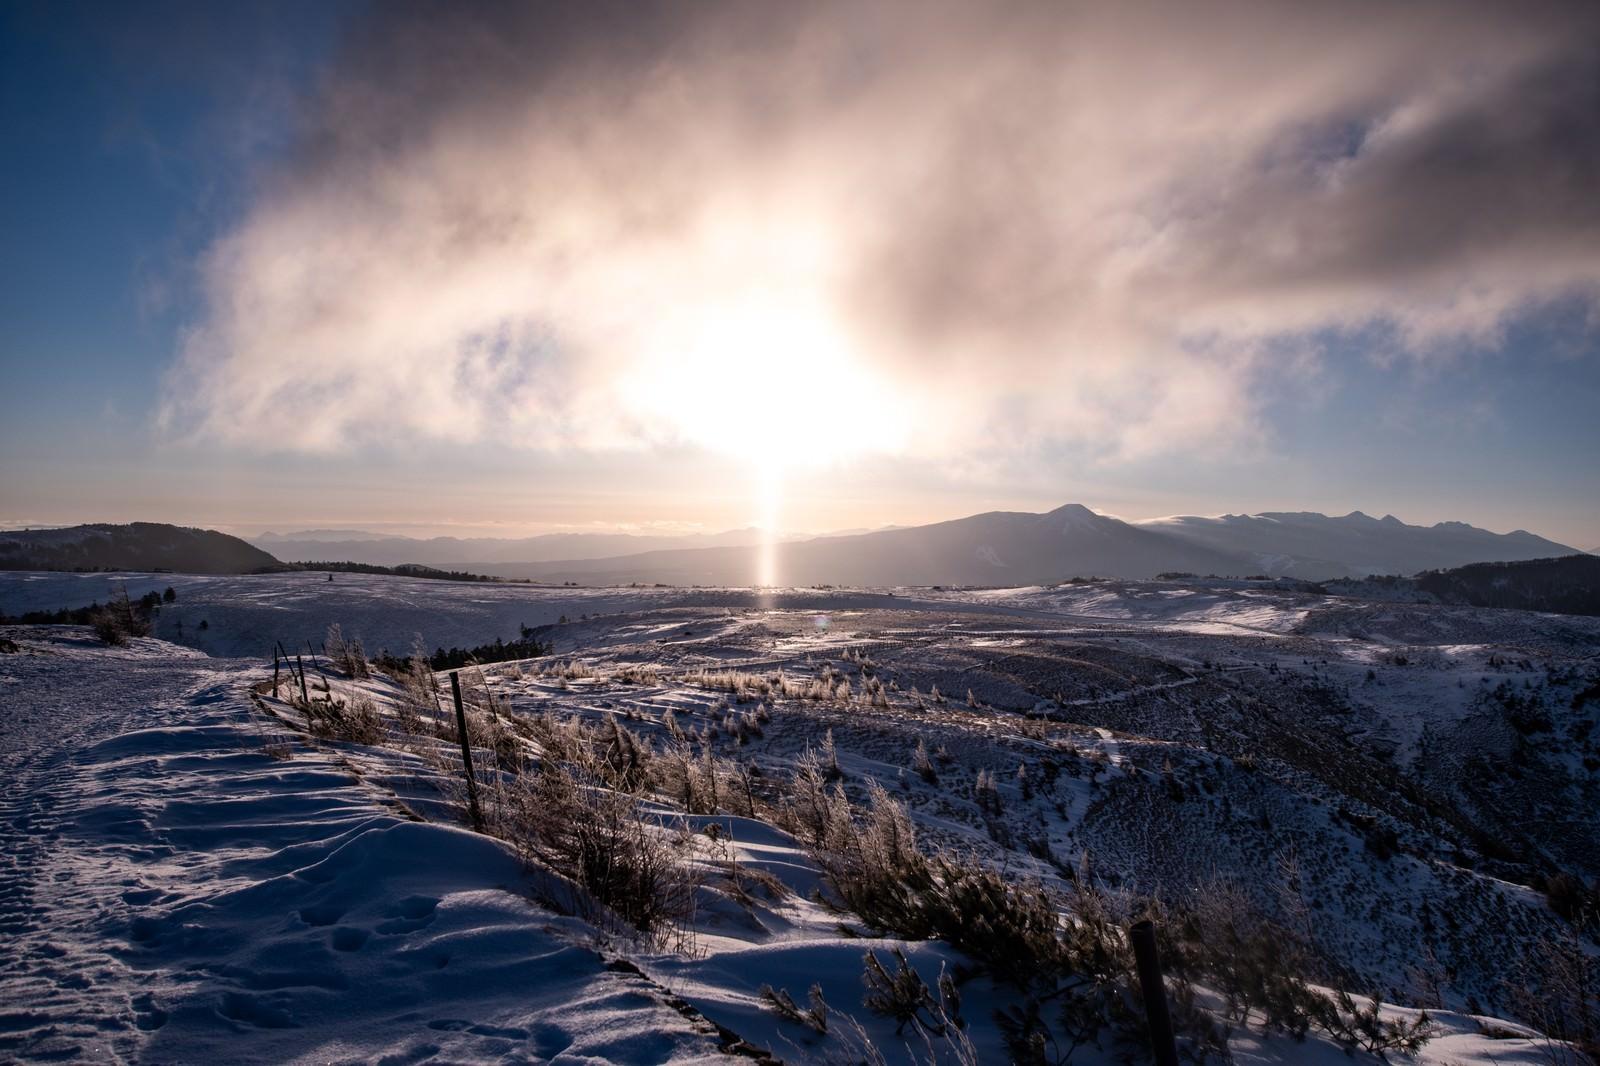 「冬の美ヶ原高原に現れた朝日のサンピラー(太陽柱)」の写真